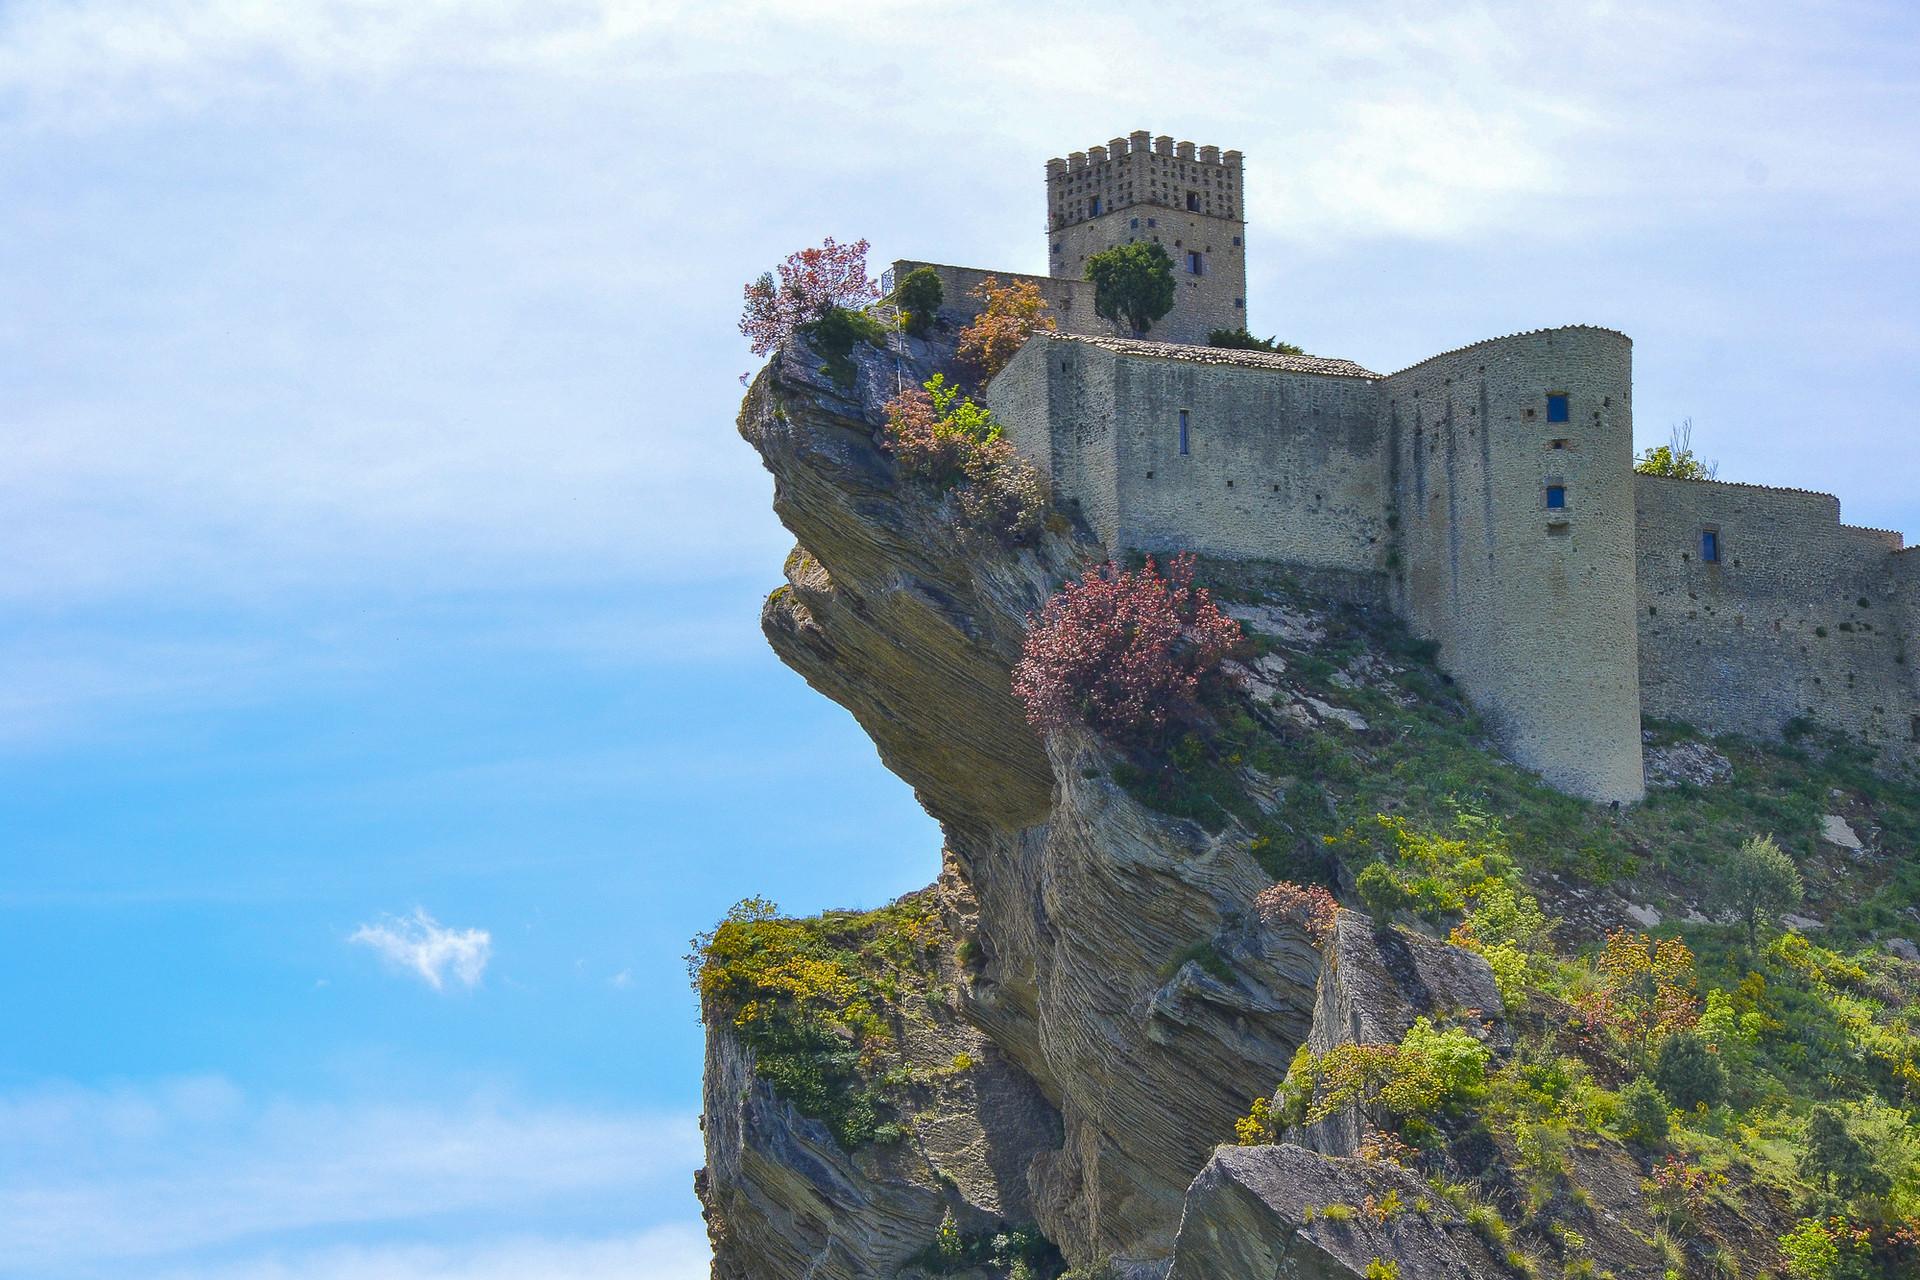 Il castello sospeso